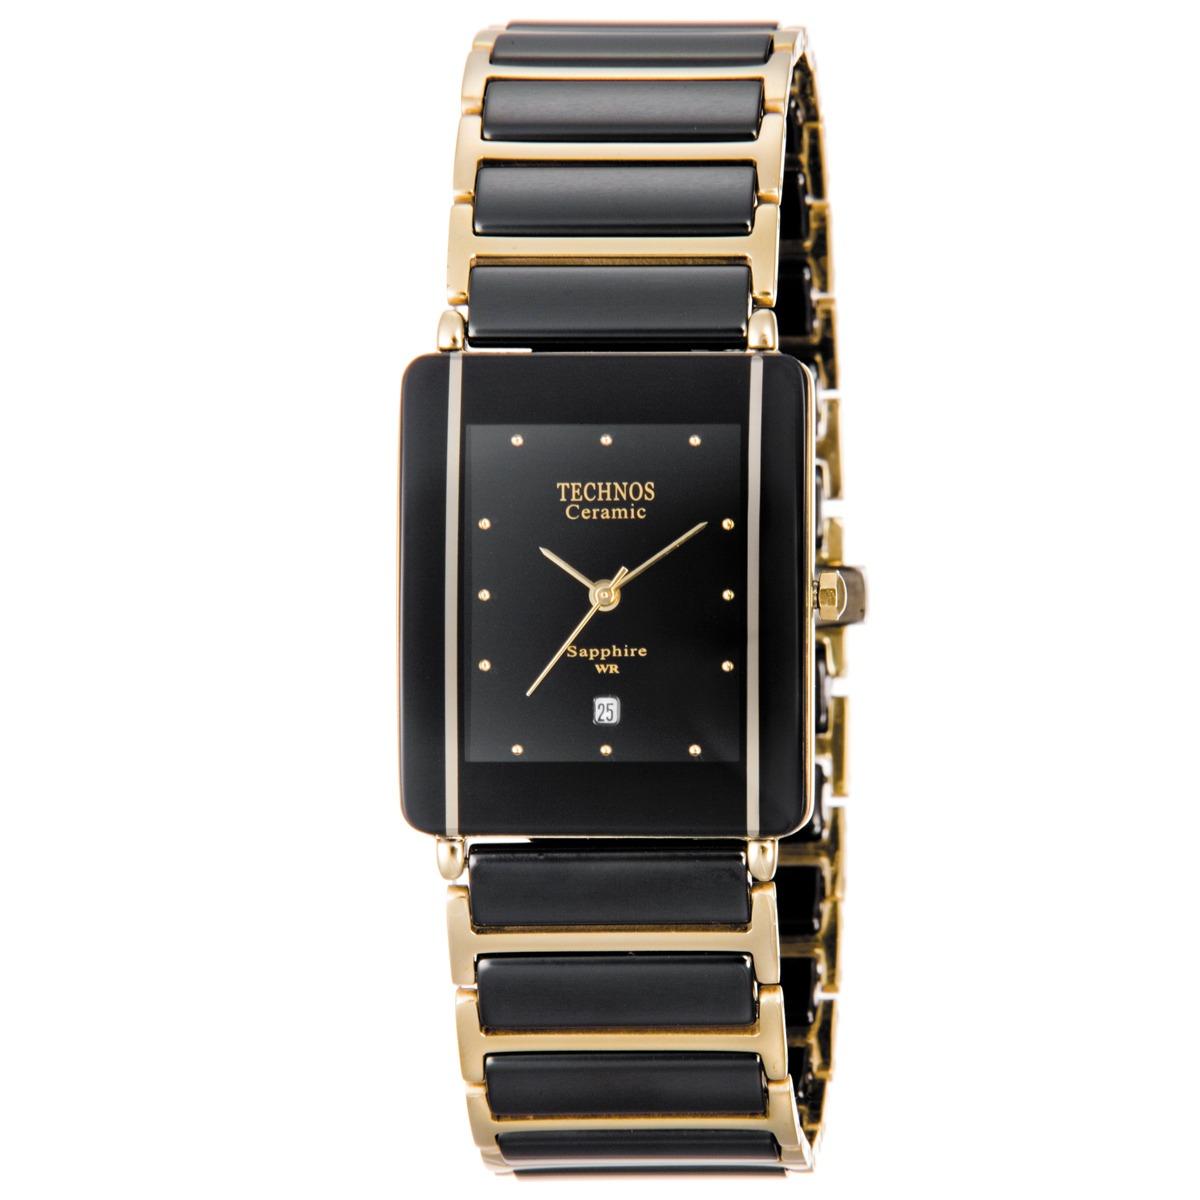 Relógio Technos Elegance Ceramic Feminino Gn10aapai 4p - R  697,00 ... a83fb1d02d